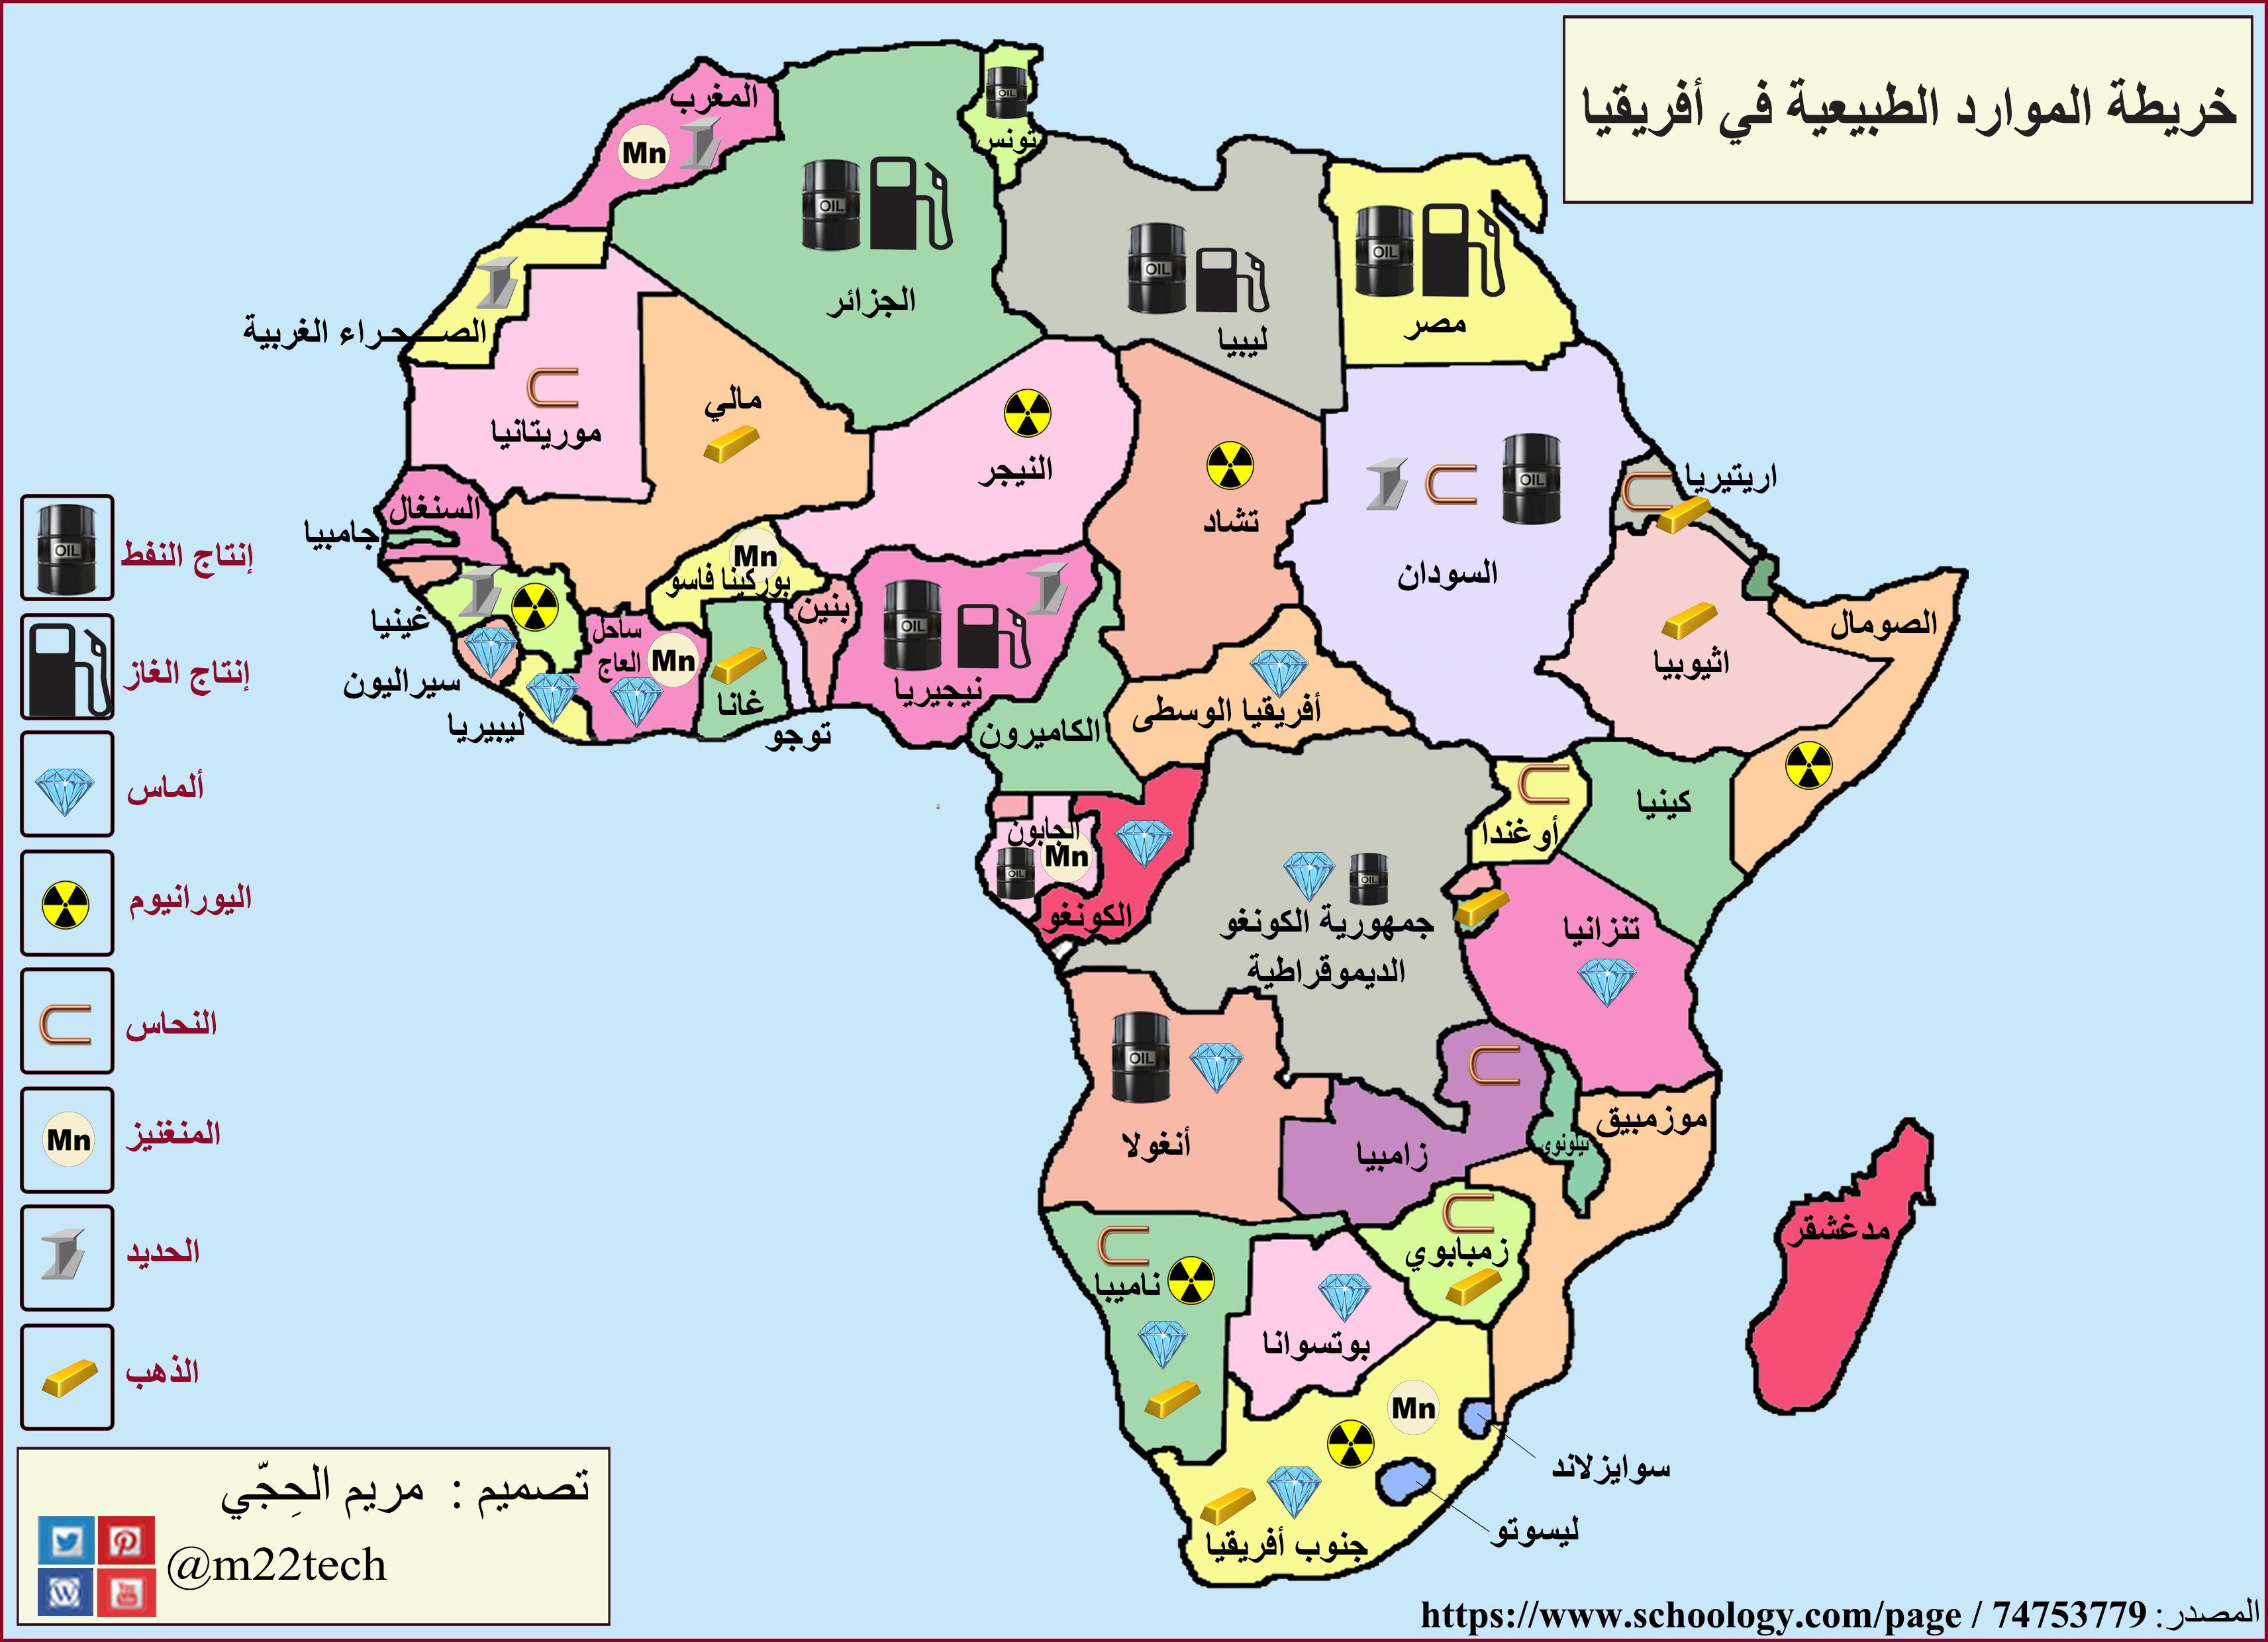 خريطة تعليمية توض ح الموارد الطبيعية في قارة أفريقيا Education Map Geography